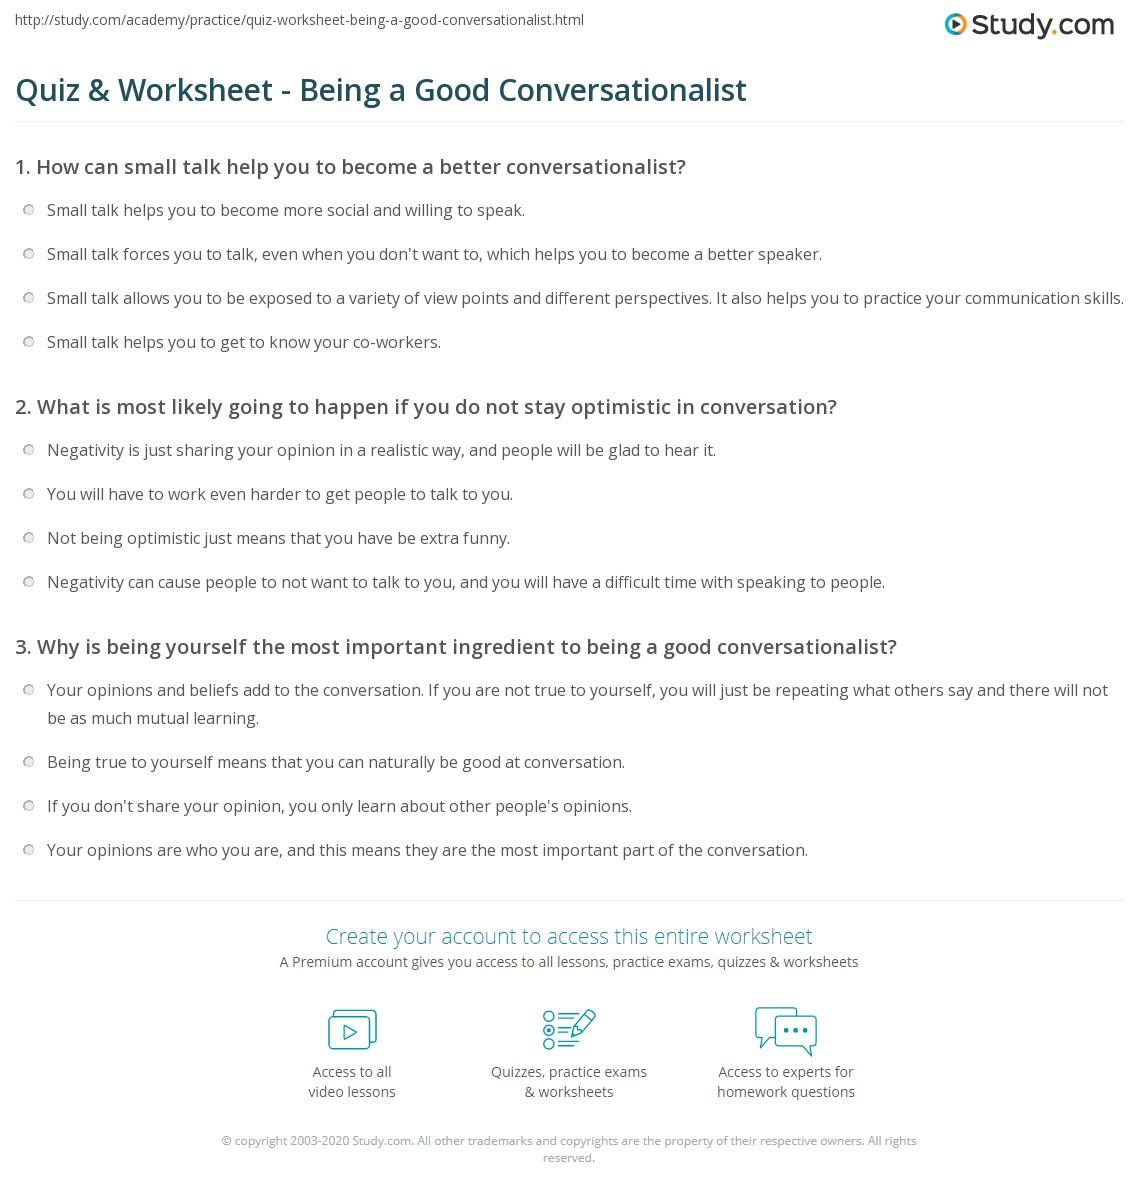 Become a good conversationalist